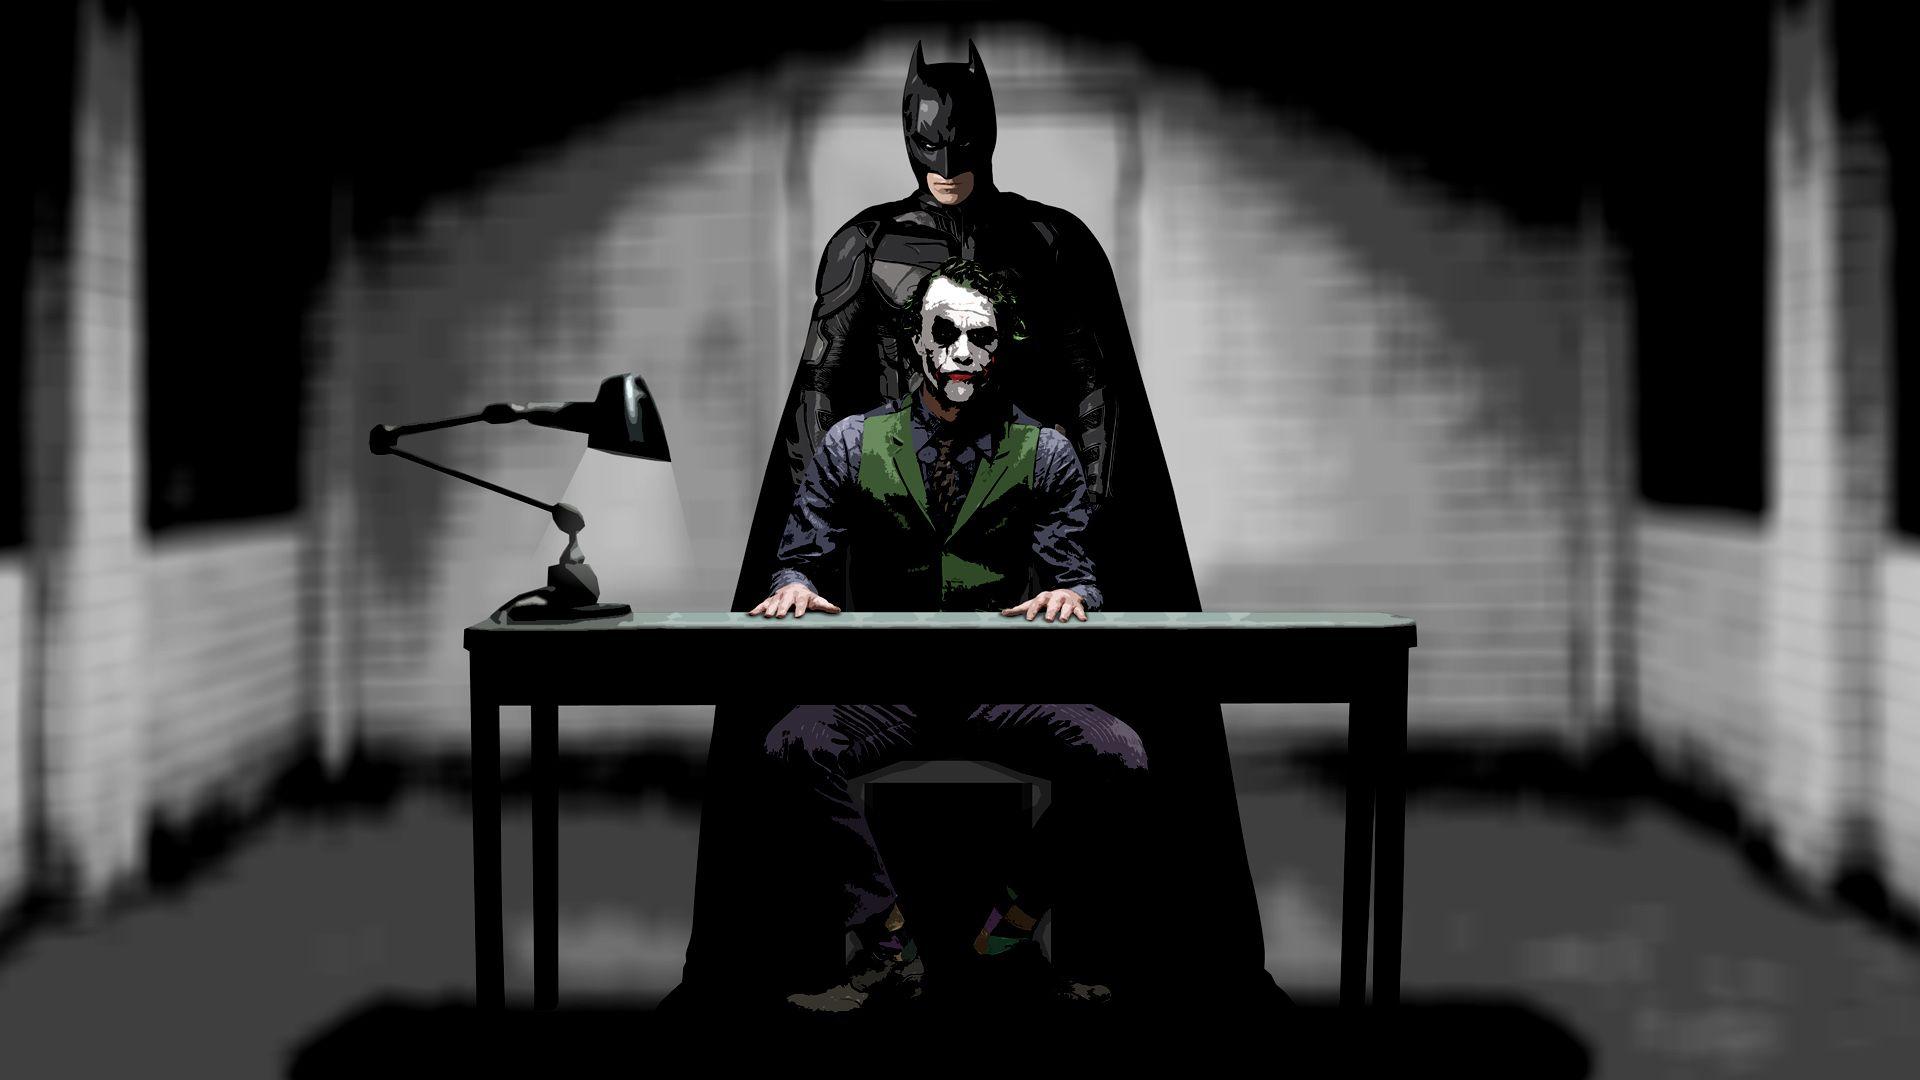 Hd wallpaper joker - Batman And Joker Hd Wallpapers